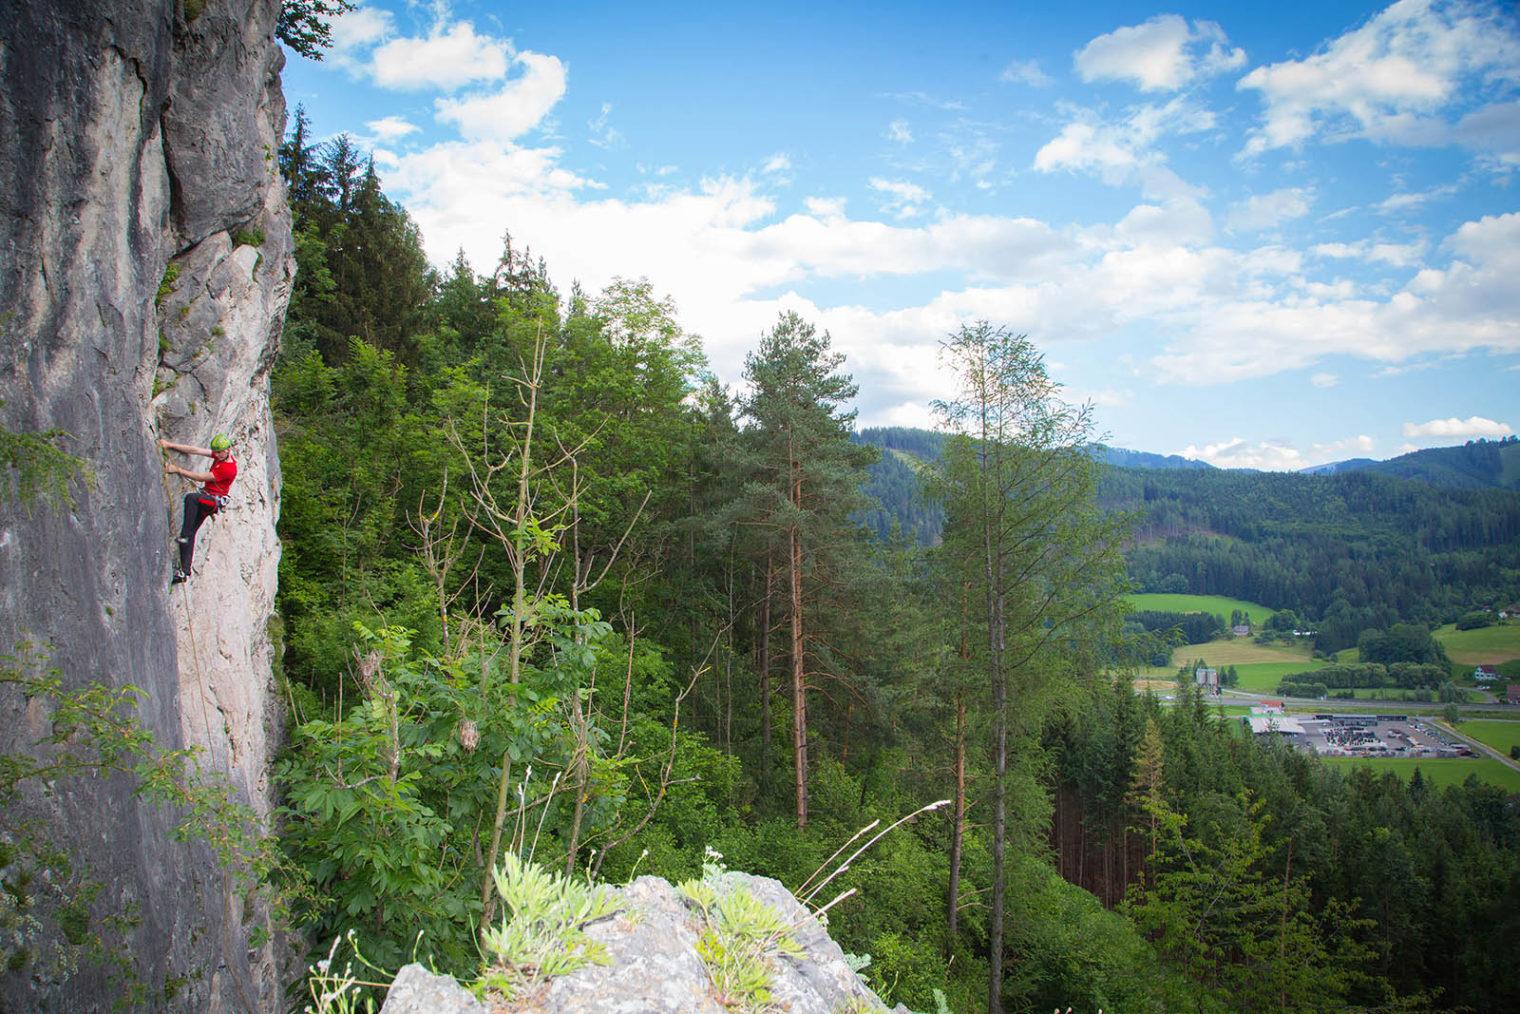 Kletterer auf Bergwand in Leoben